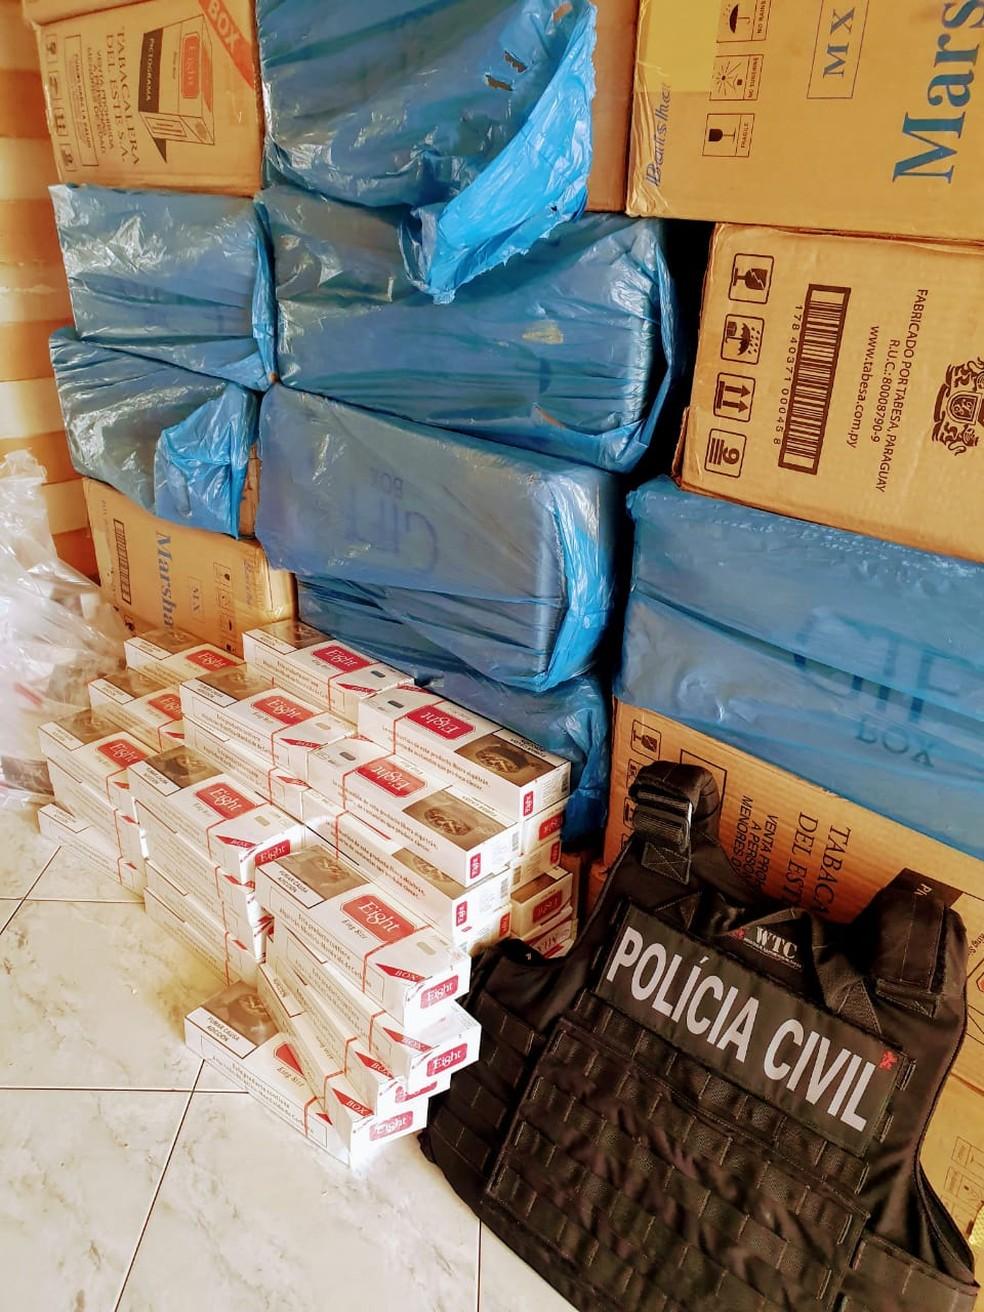 Carga de cigarros contrabandeados avaliada em R$ 40 mil é apreendida em Mombaça, no Ceará. — Foto: Reprodução